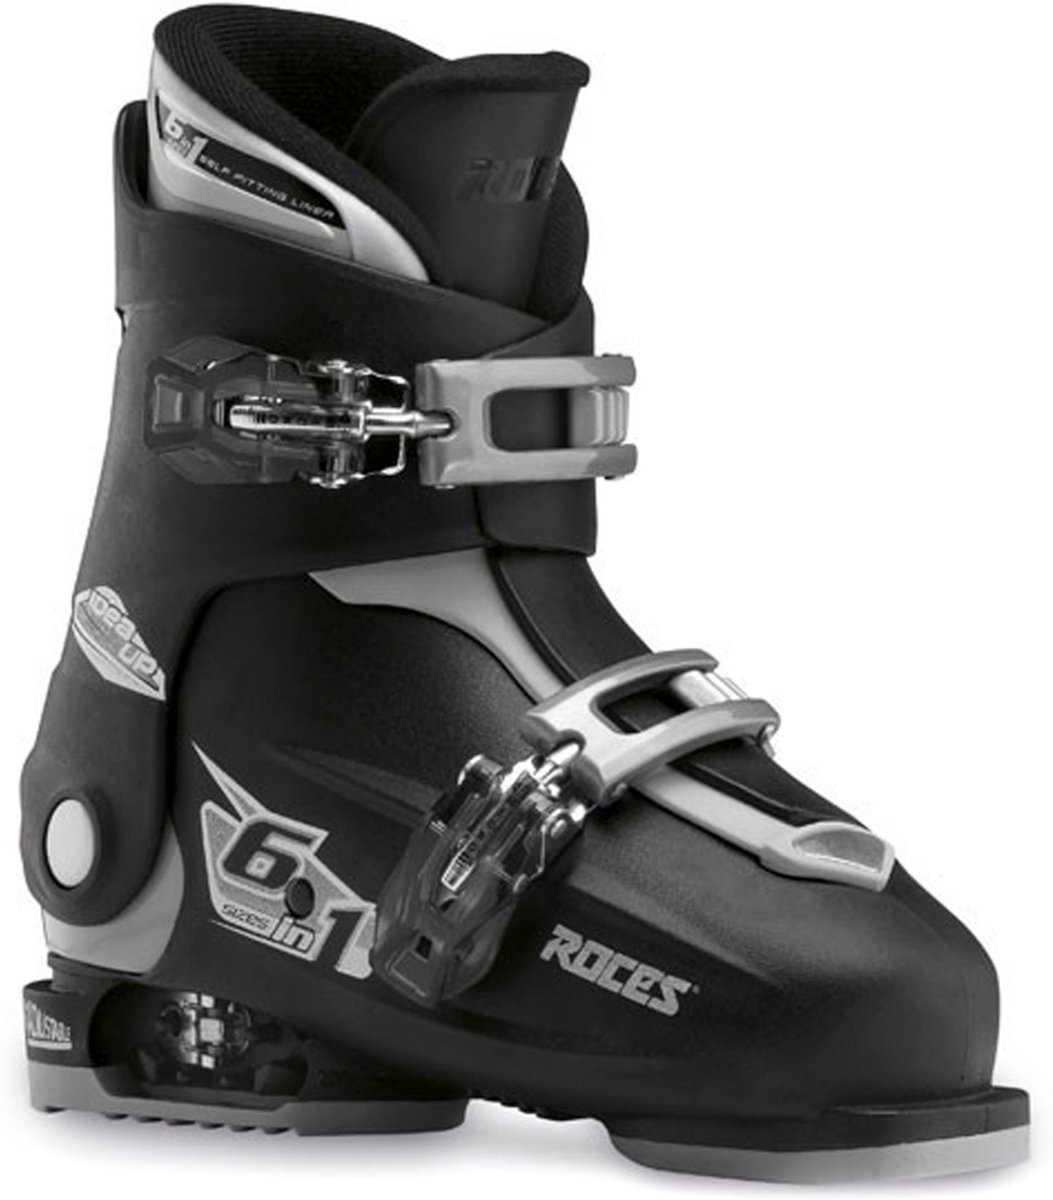 Roces Skischoenen Idea Up Junior Zwart/zilver Maat 30-35